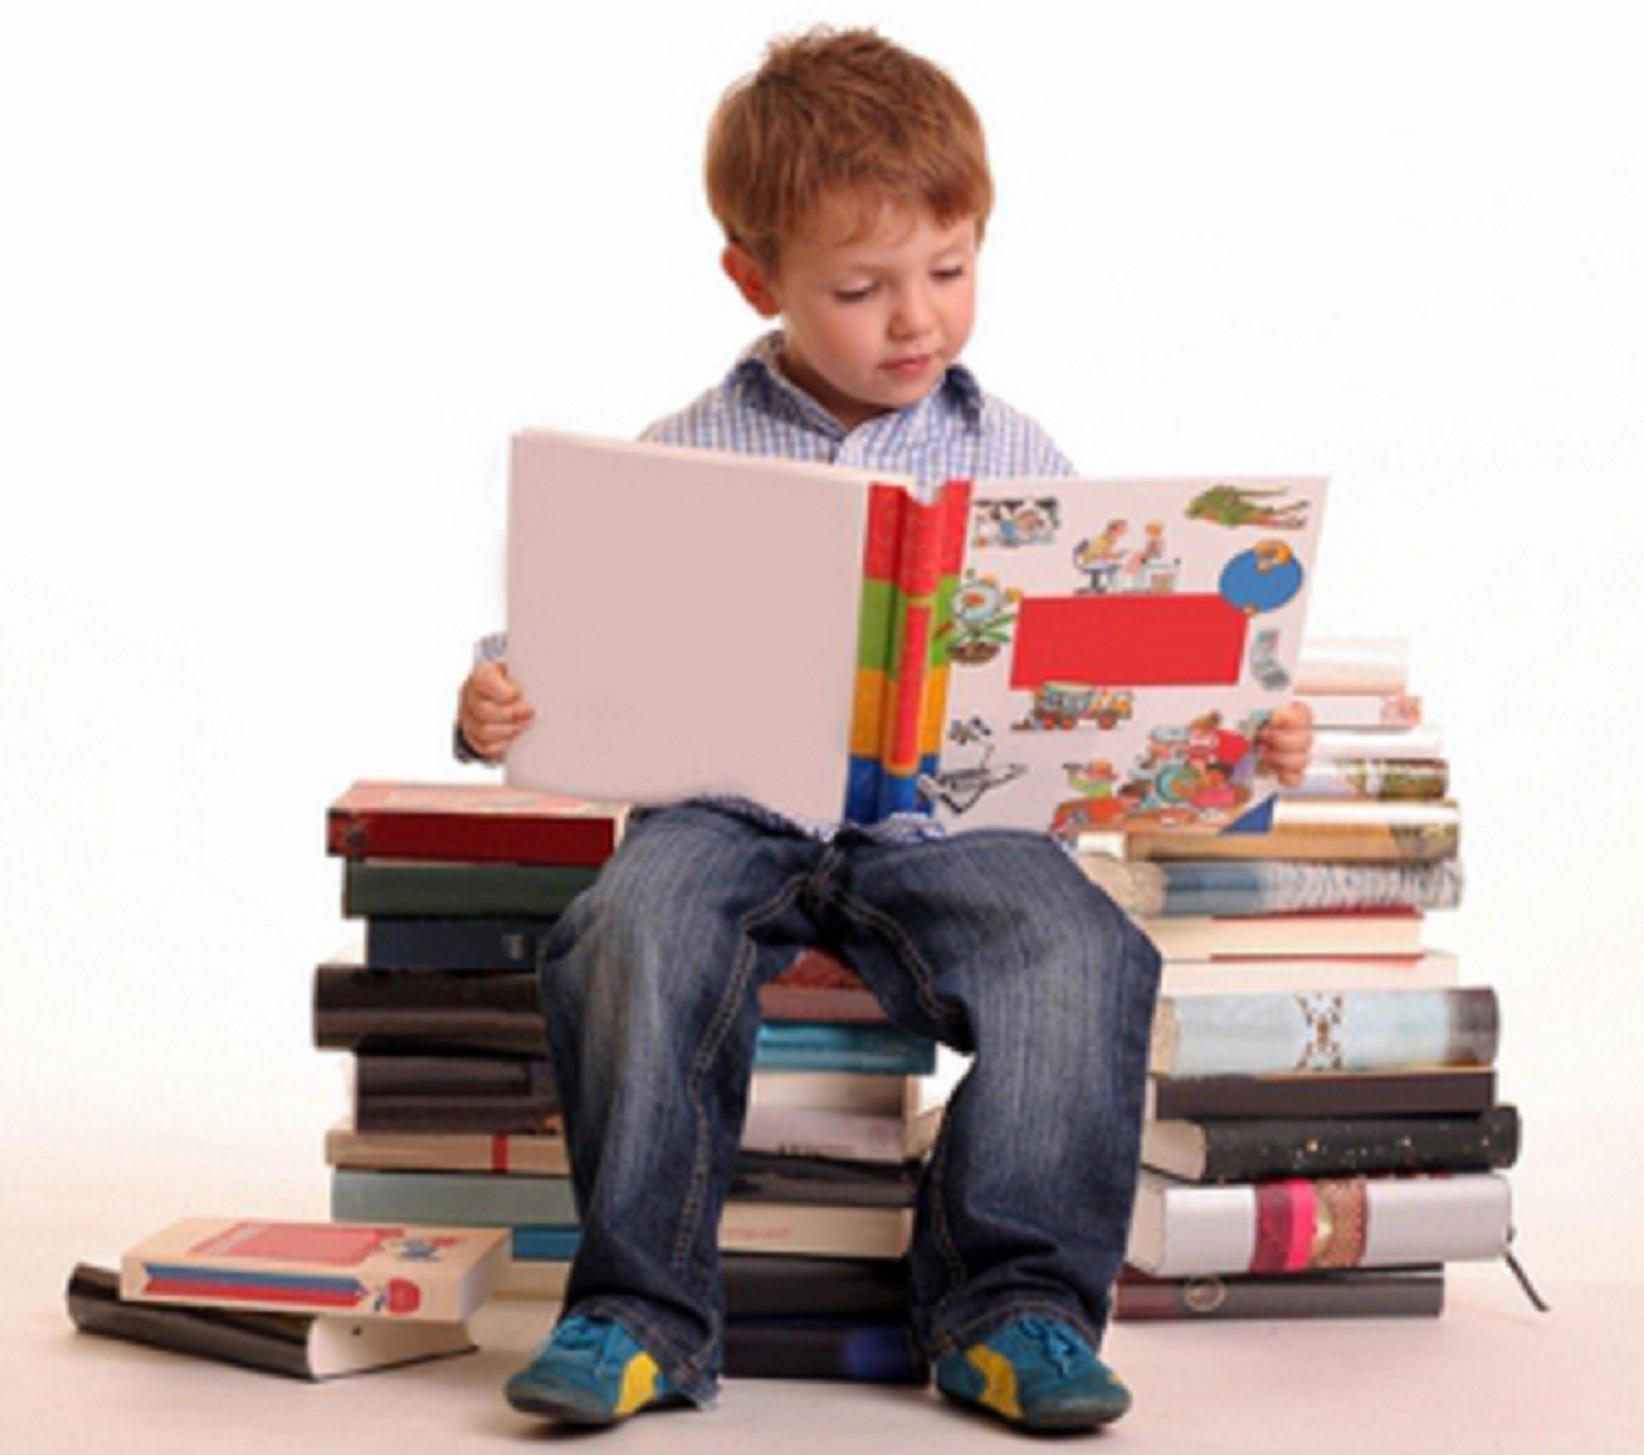 Modalitati sigure pentru a iubi lectura